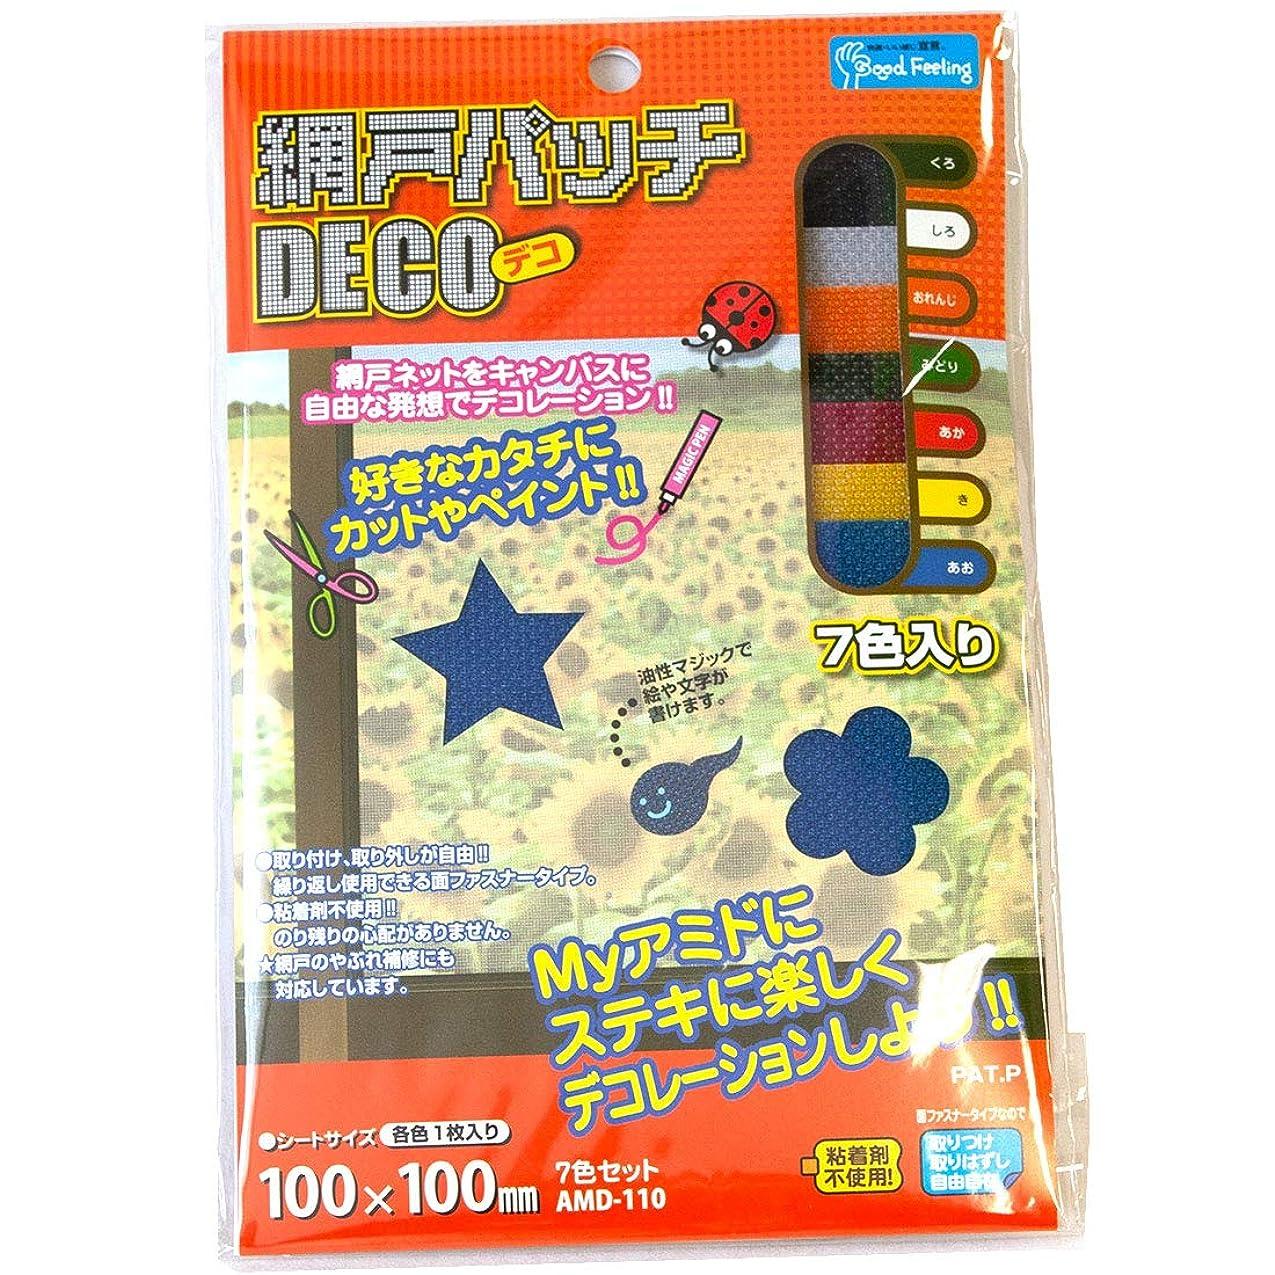 勝者トラフィックコンクリートWAKI 網戸パッチDECO WAKI AMD-110 7ショク